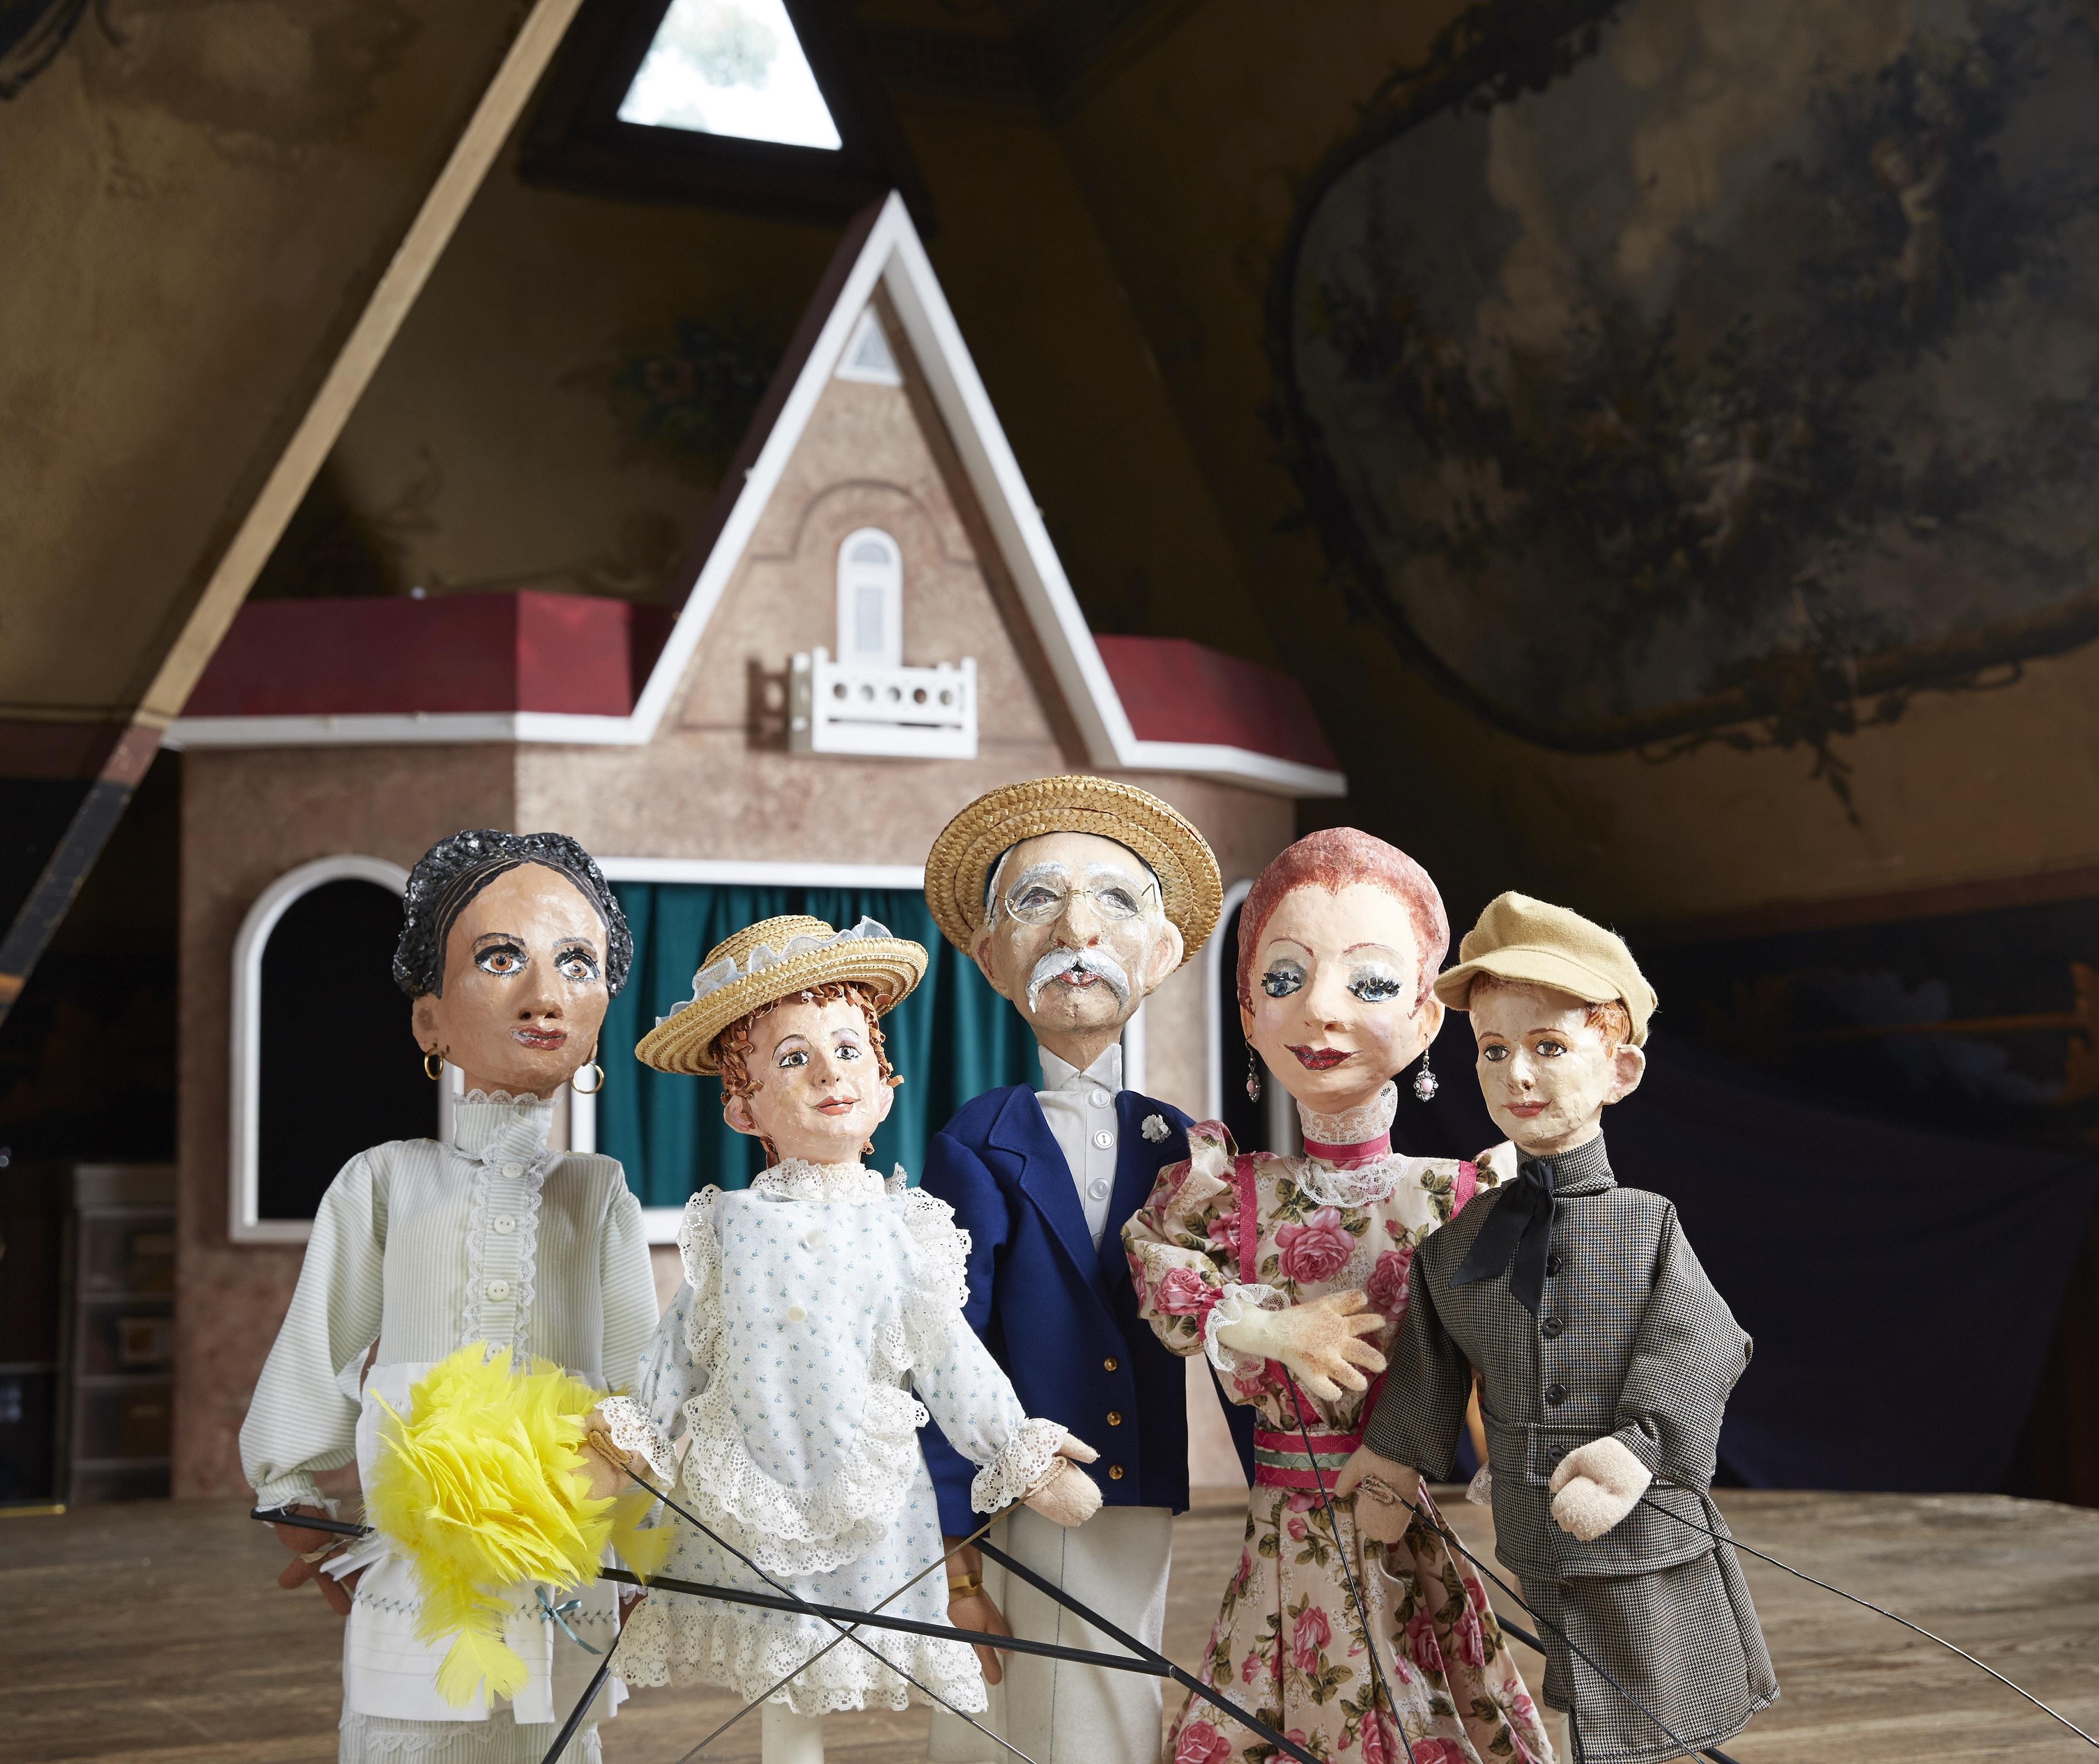 Körner's Folly Family Revue Puppet Show